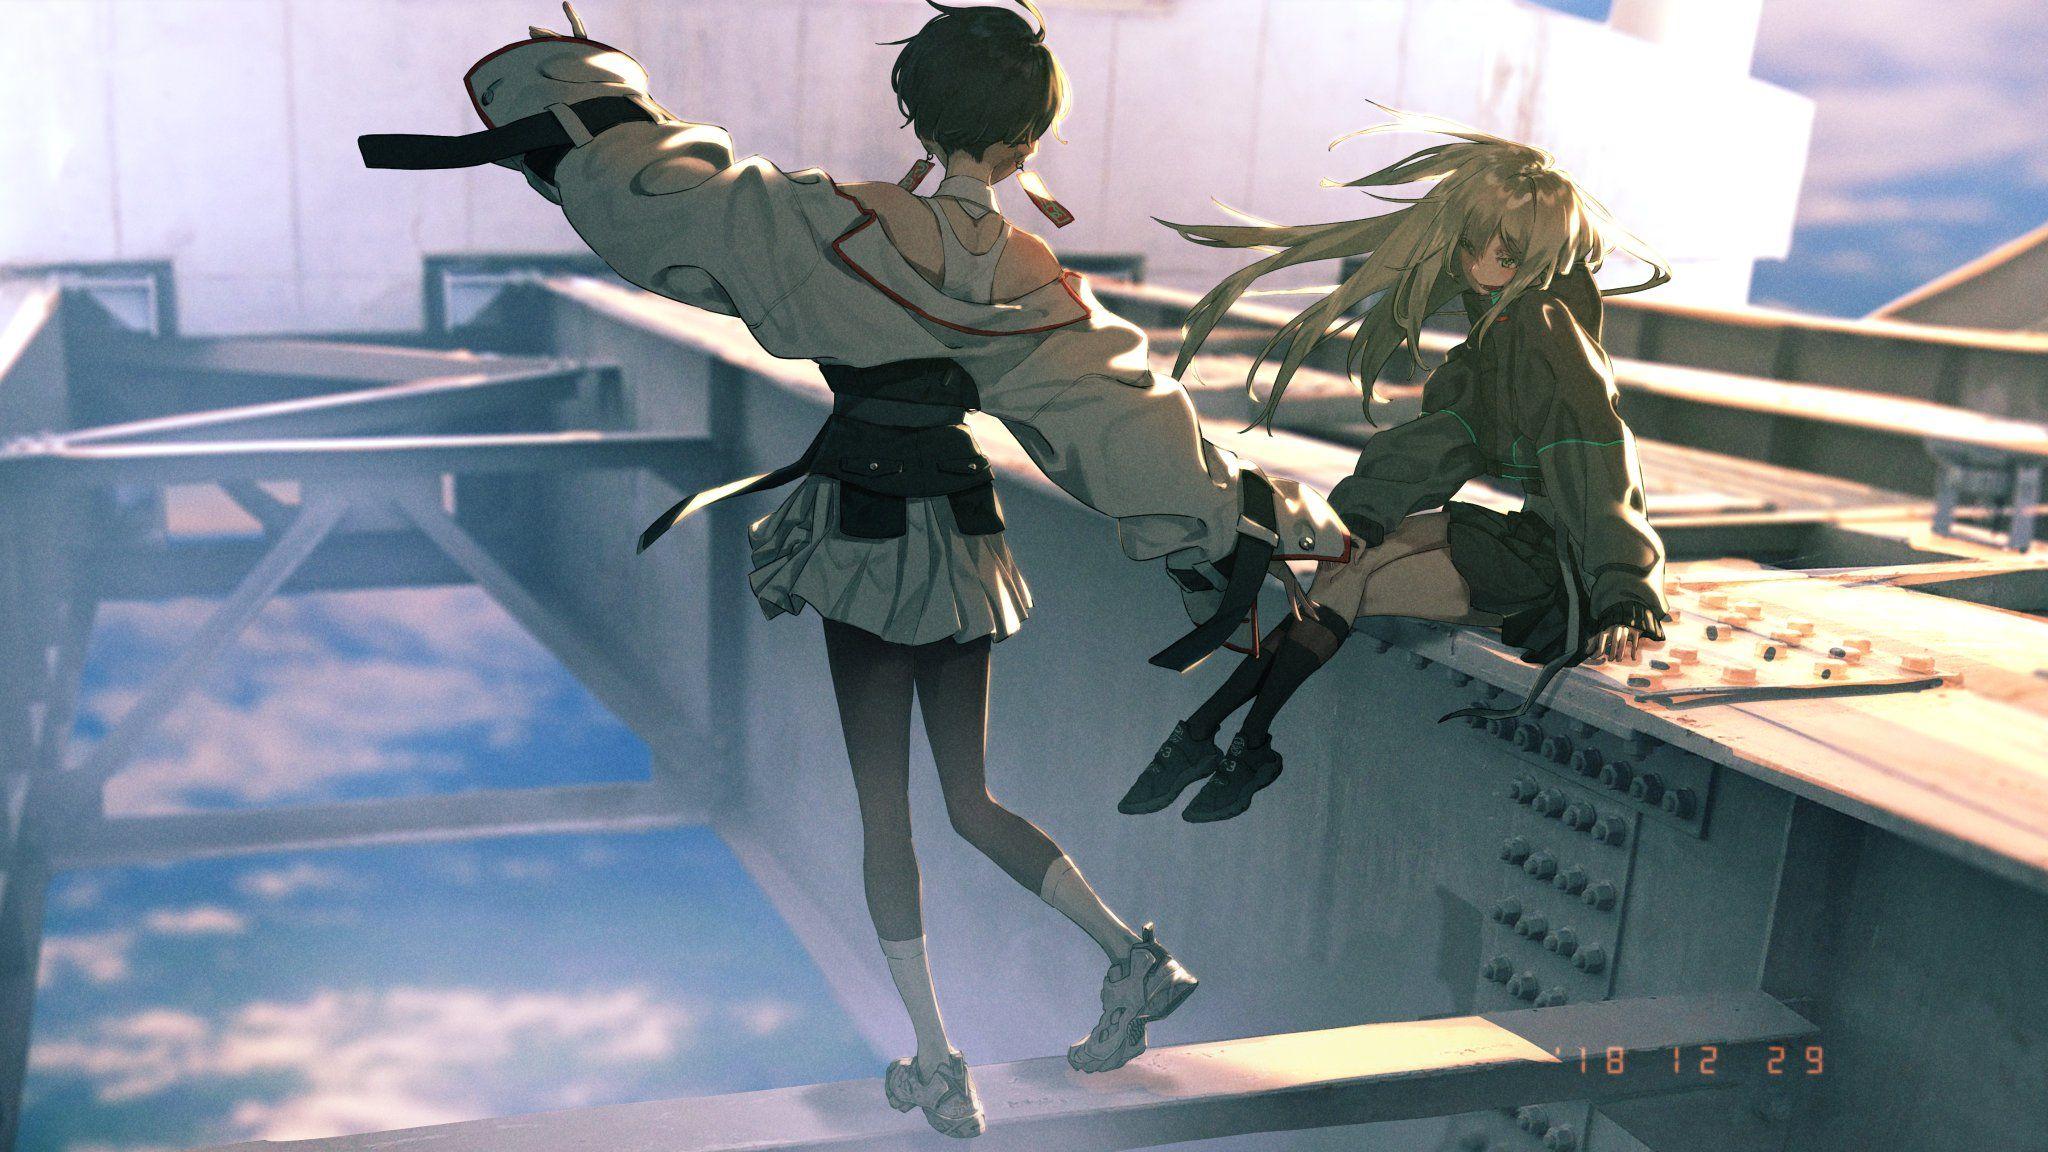 ろるあ tia128 ら70a on twitter anime scenery art aesthetic anime